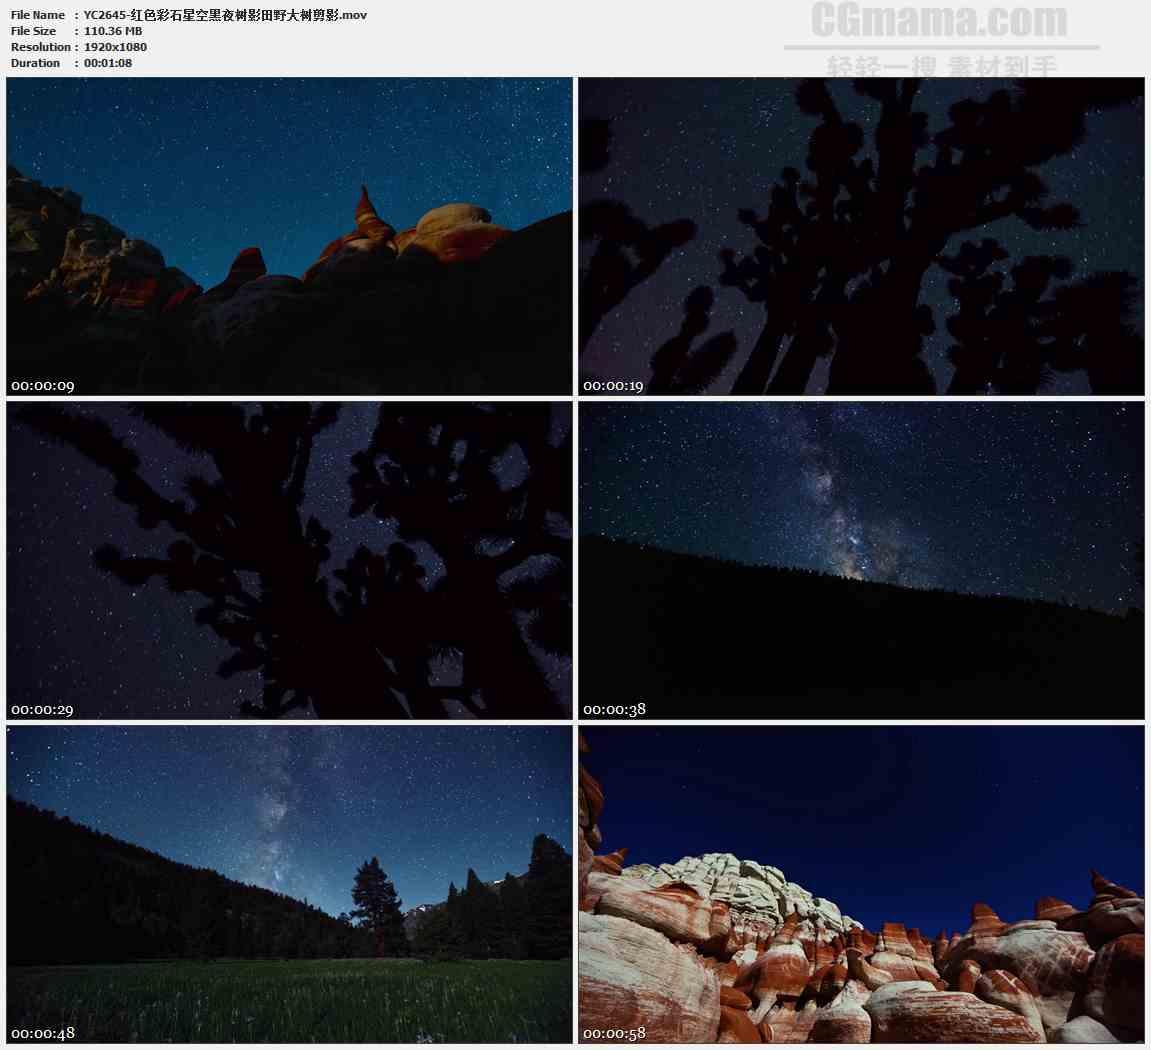 YC2645-红色彩石星空黑夜树影田野大树剪影高清实拍视频素材